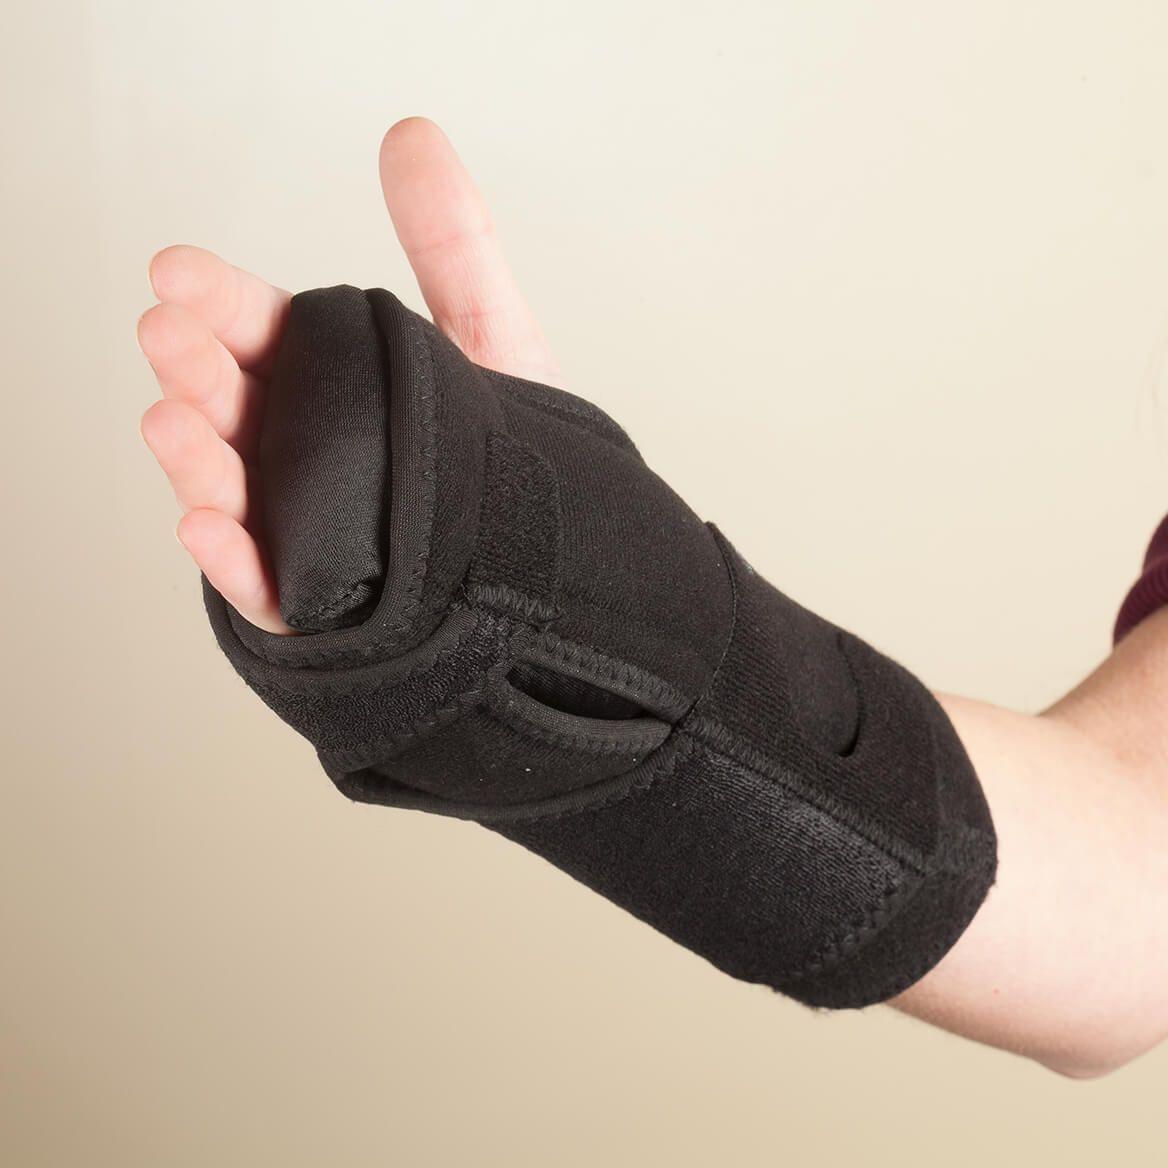 iGo Night Wrist Support-363688